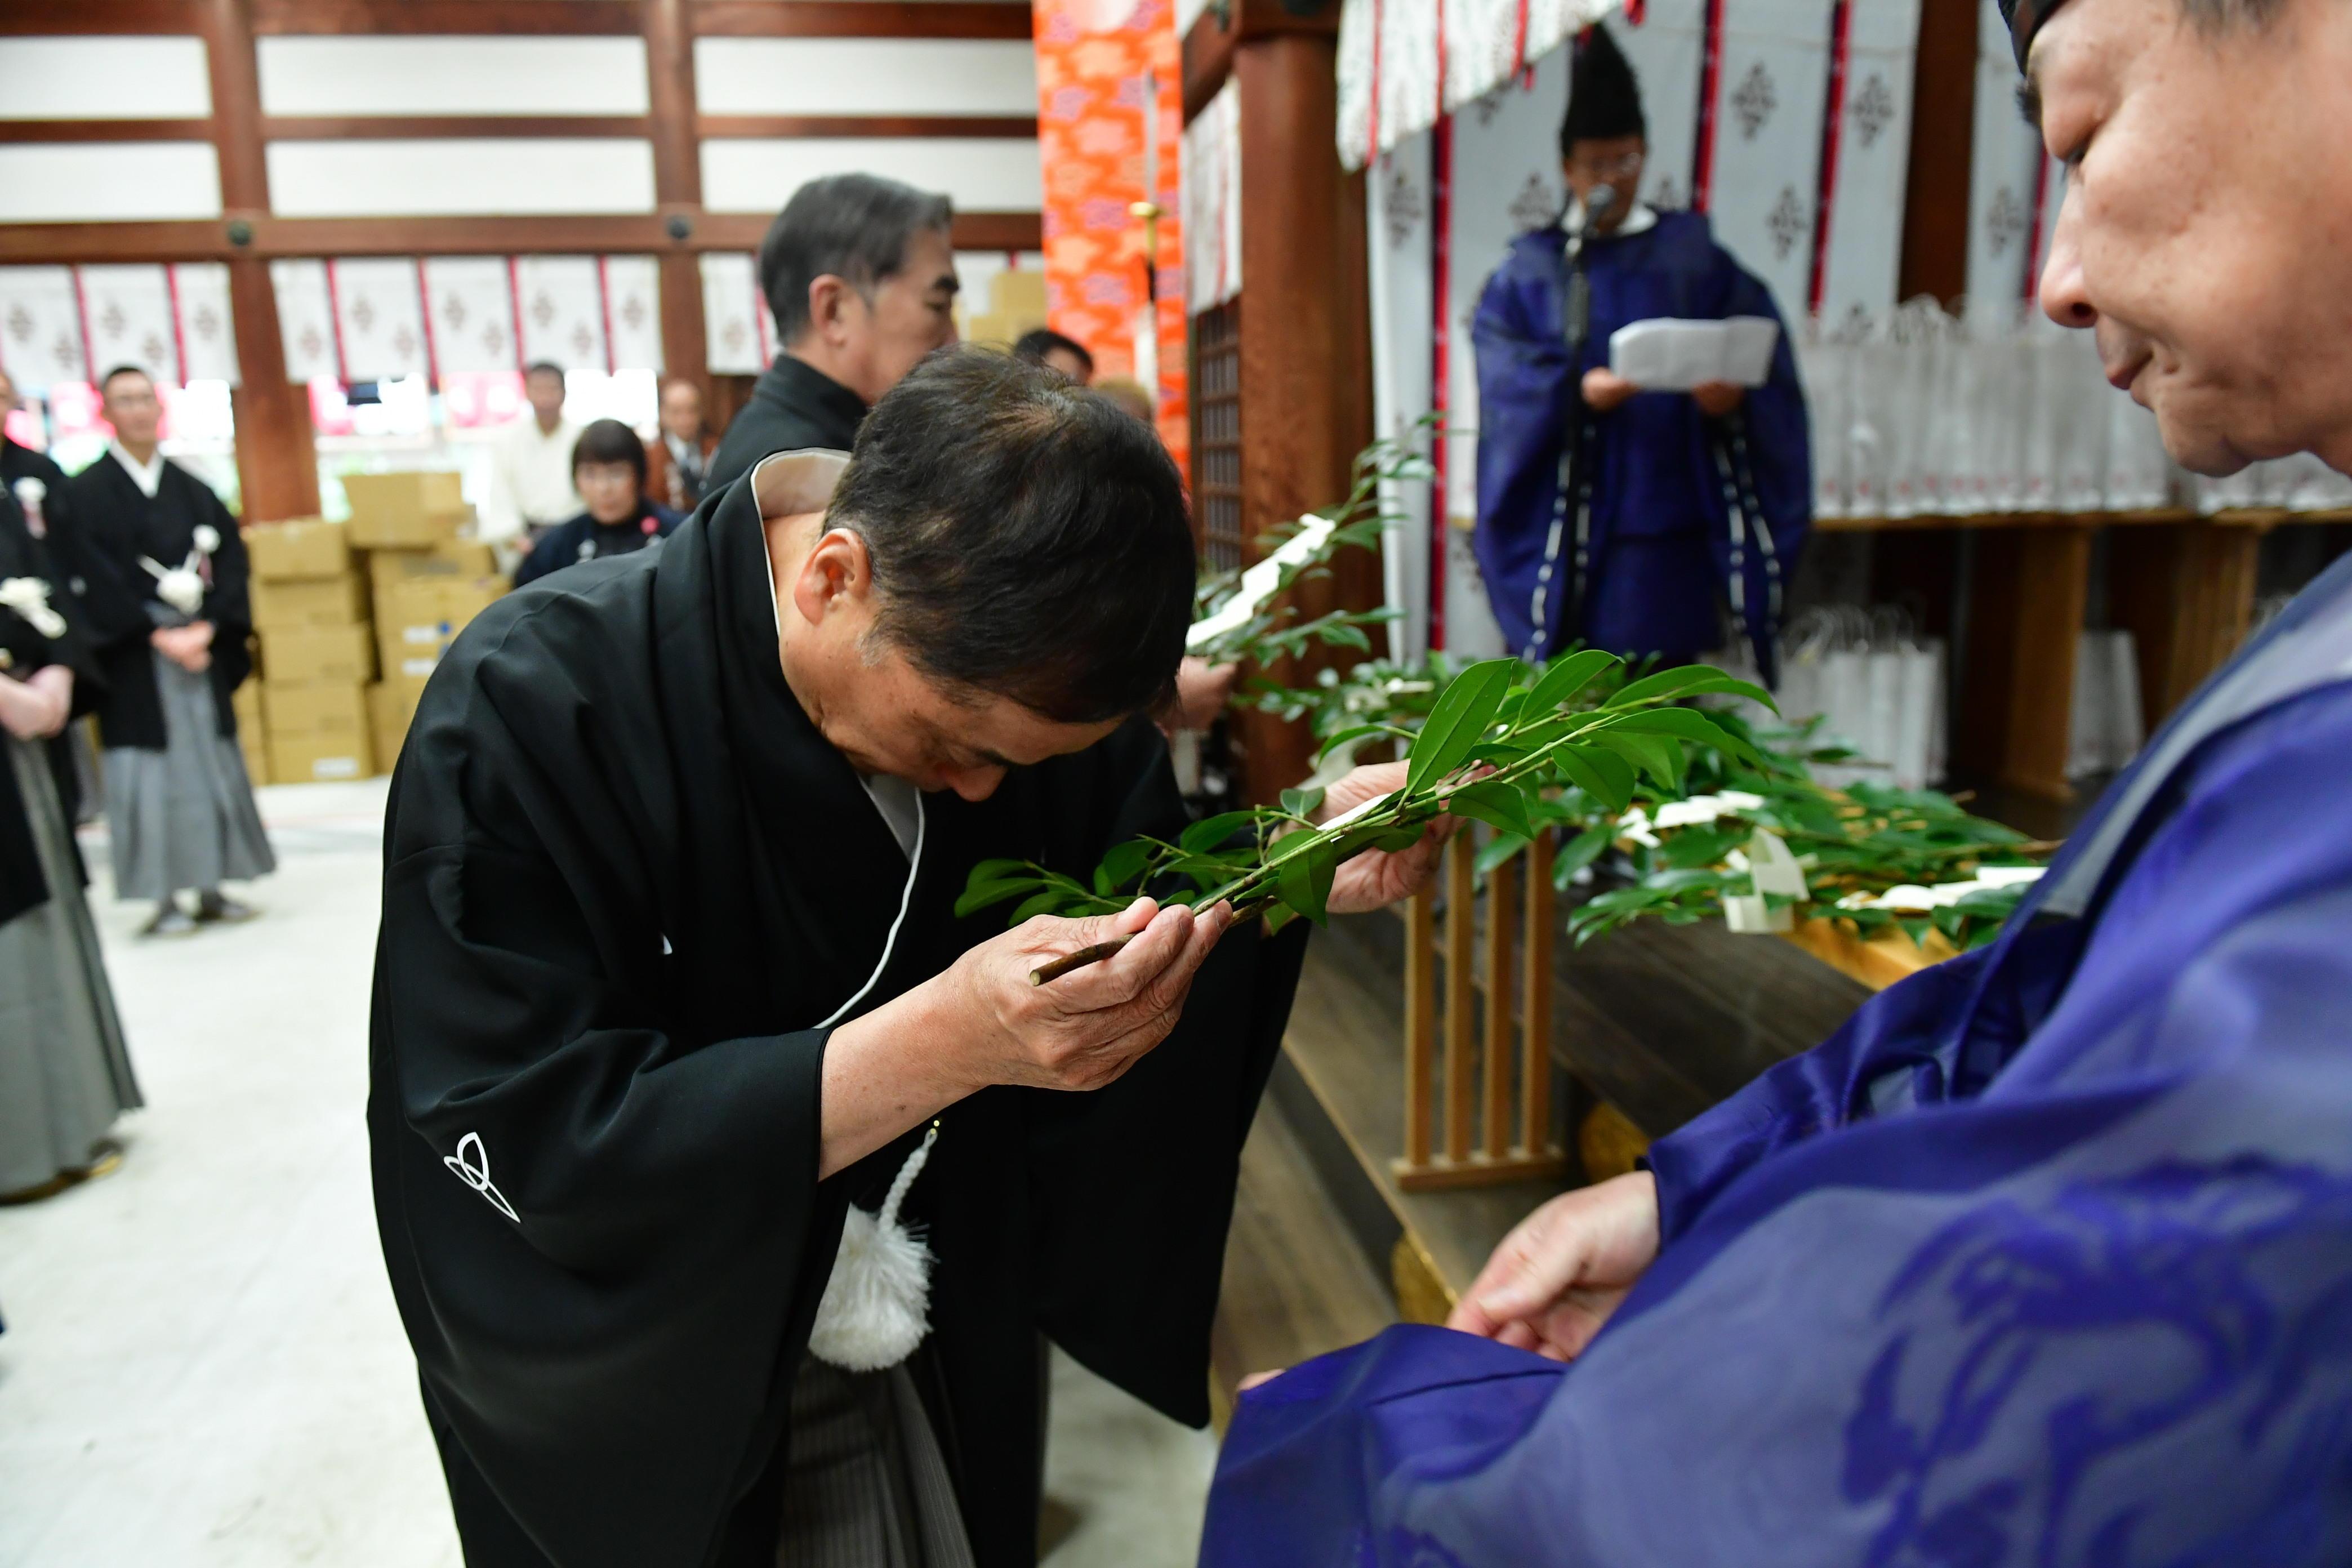 http://news.yoshimoto.co.jp/20190110200224-475710c86b03593138d56aaa5710a3a7e27f4b1f.jpg